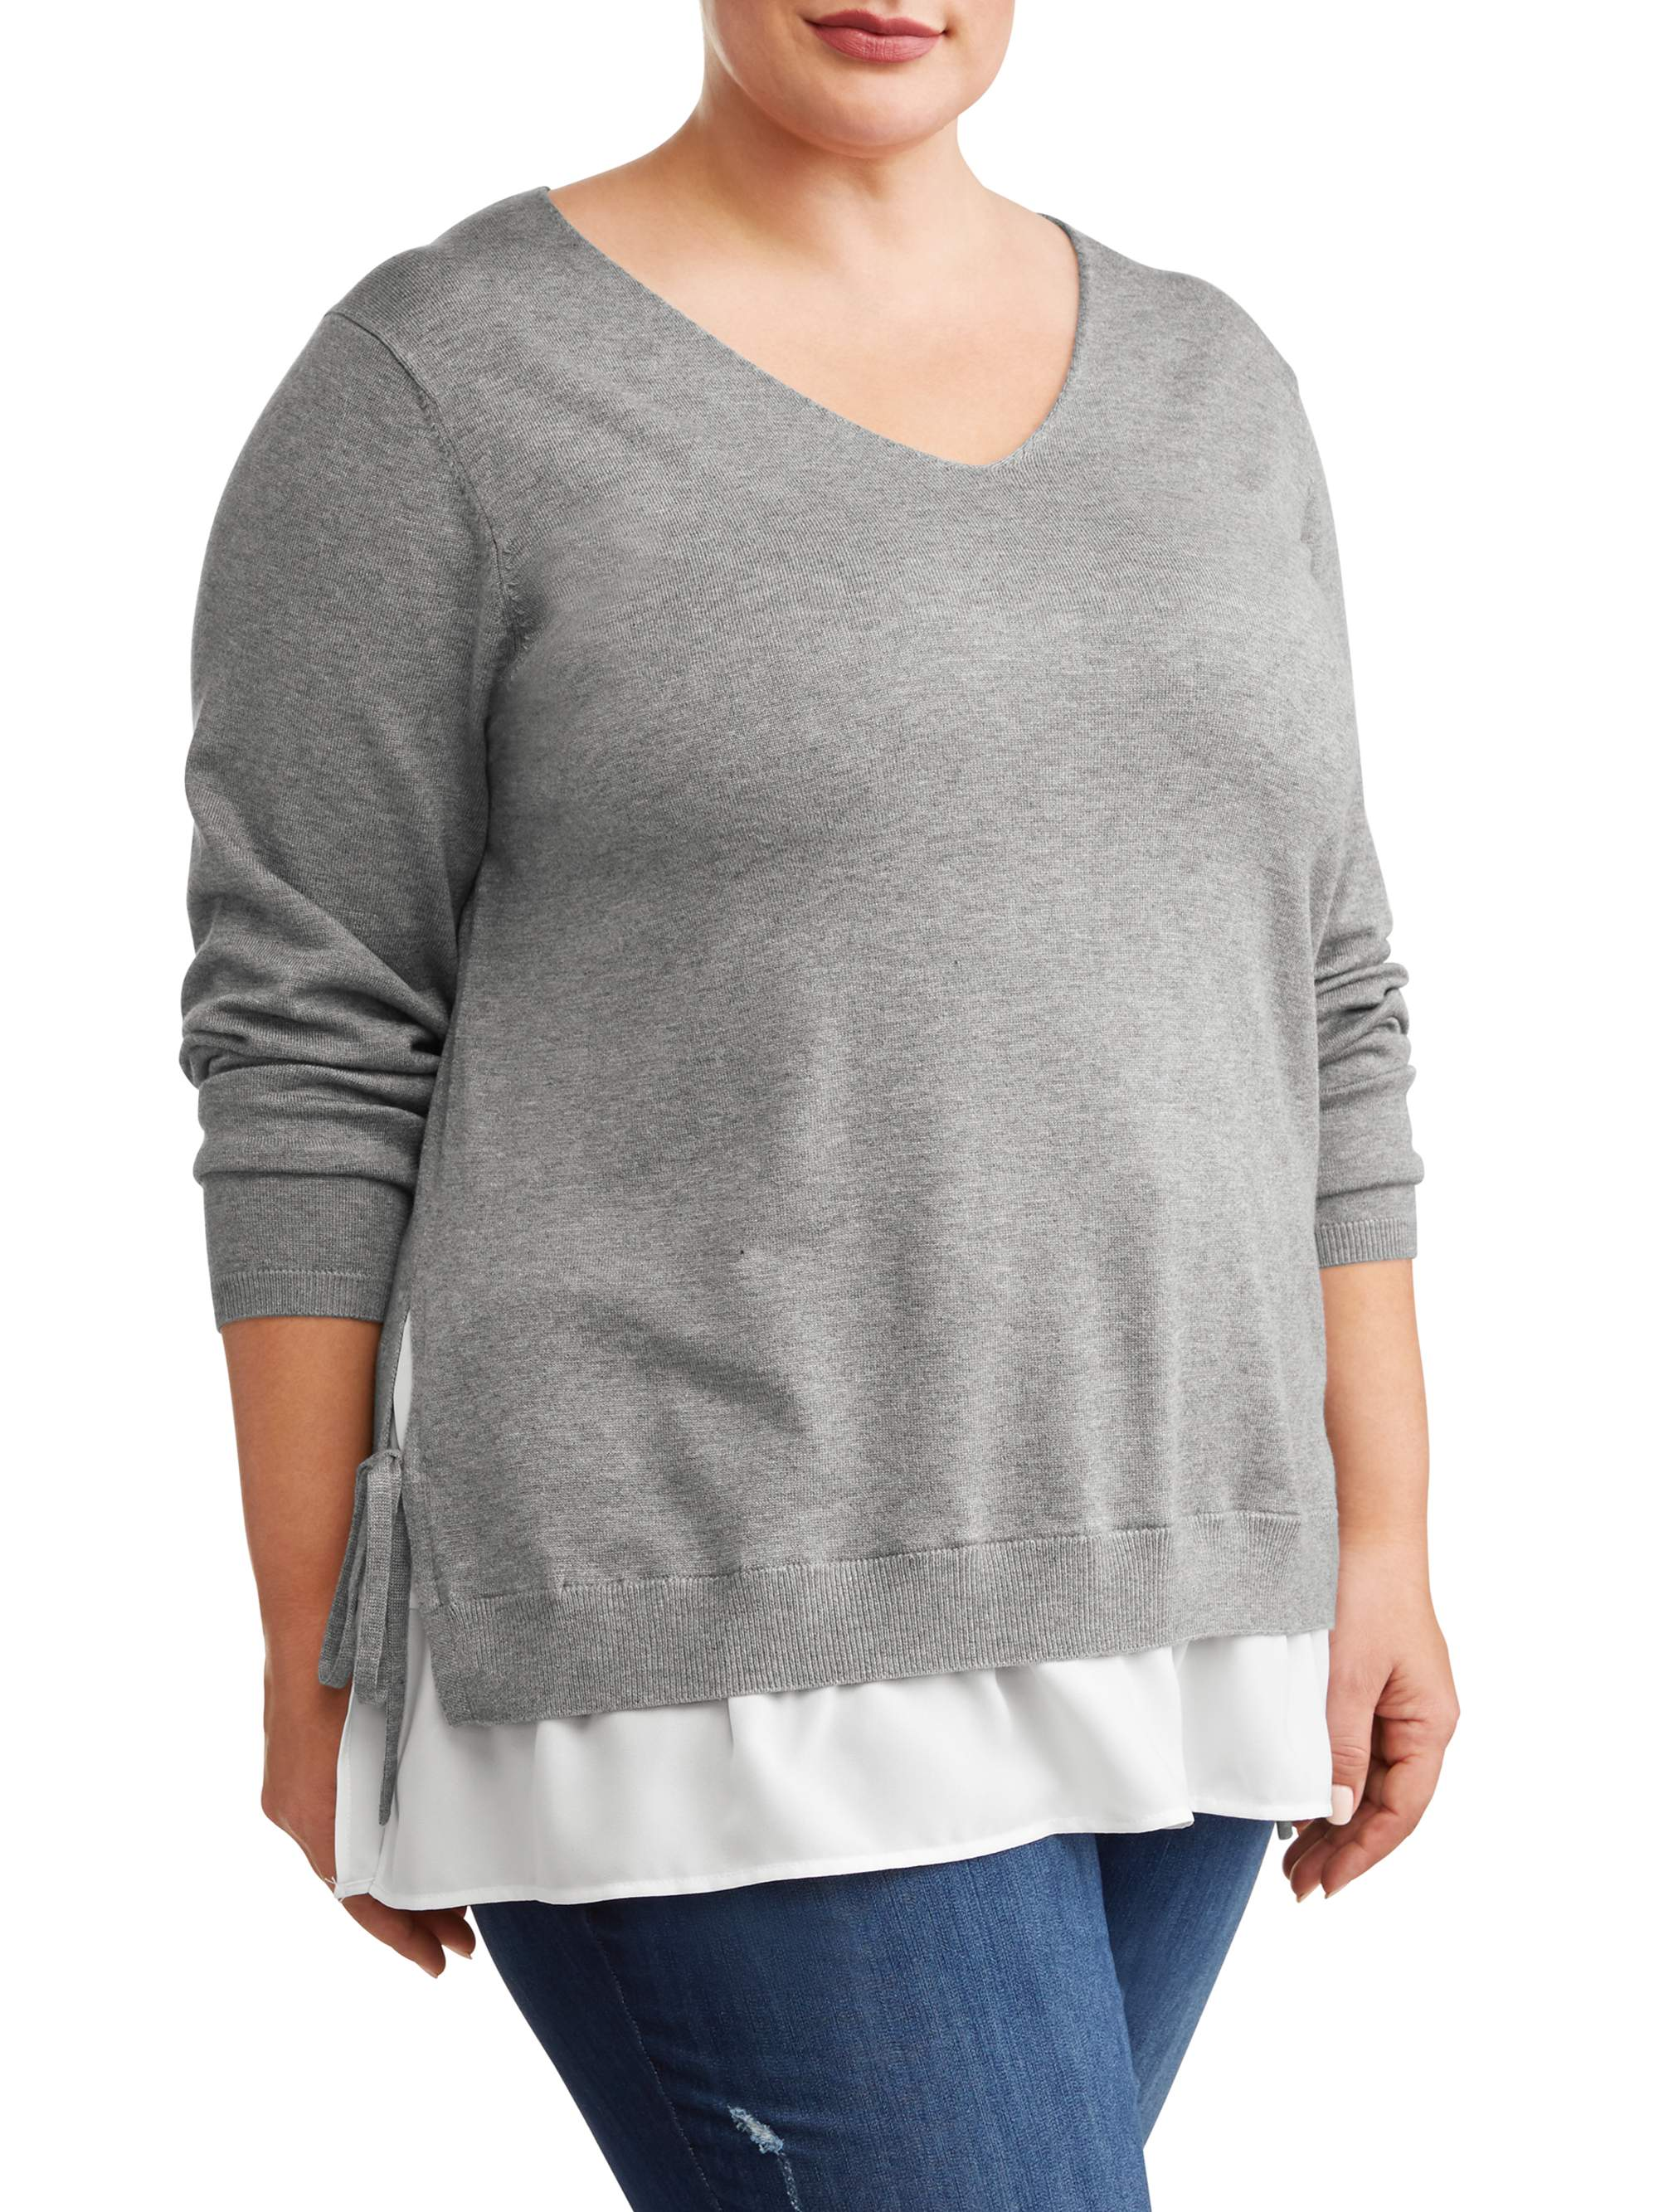 Womens Plus Size Cardigans And Sweaters Walmartcom Walmartcom